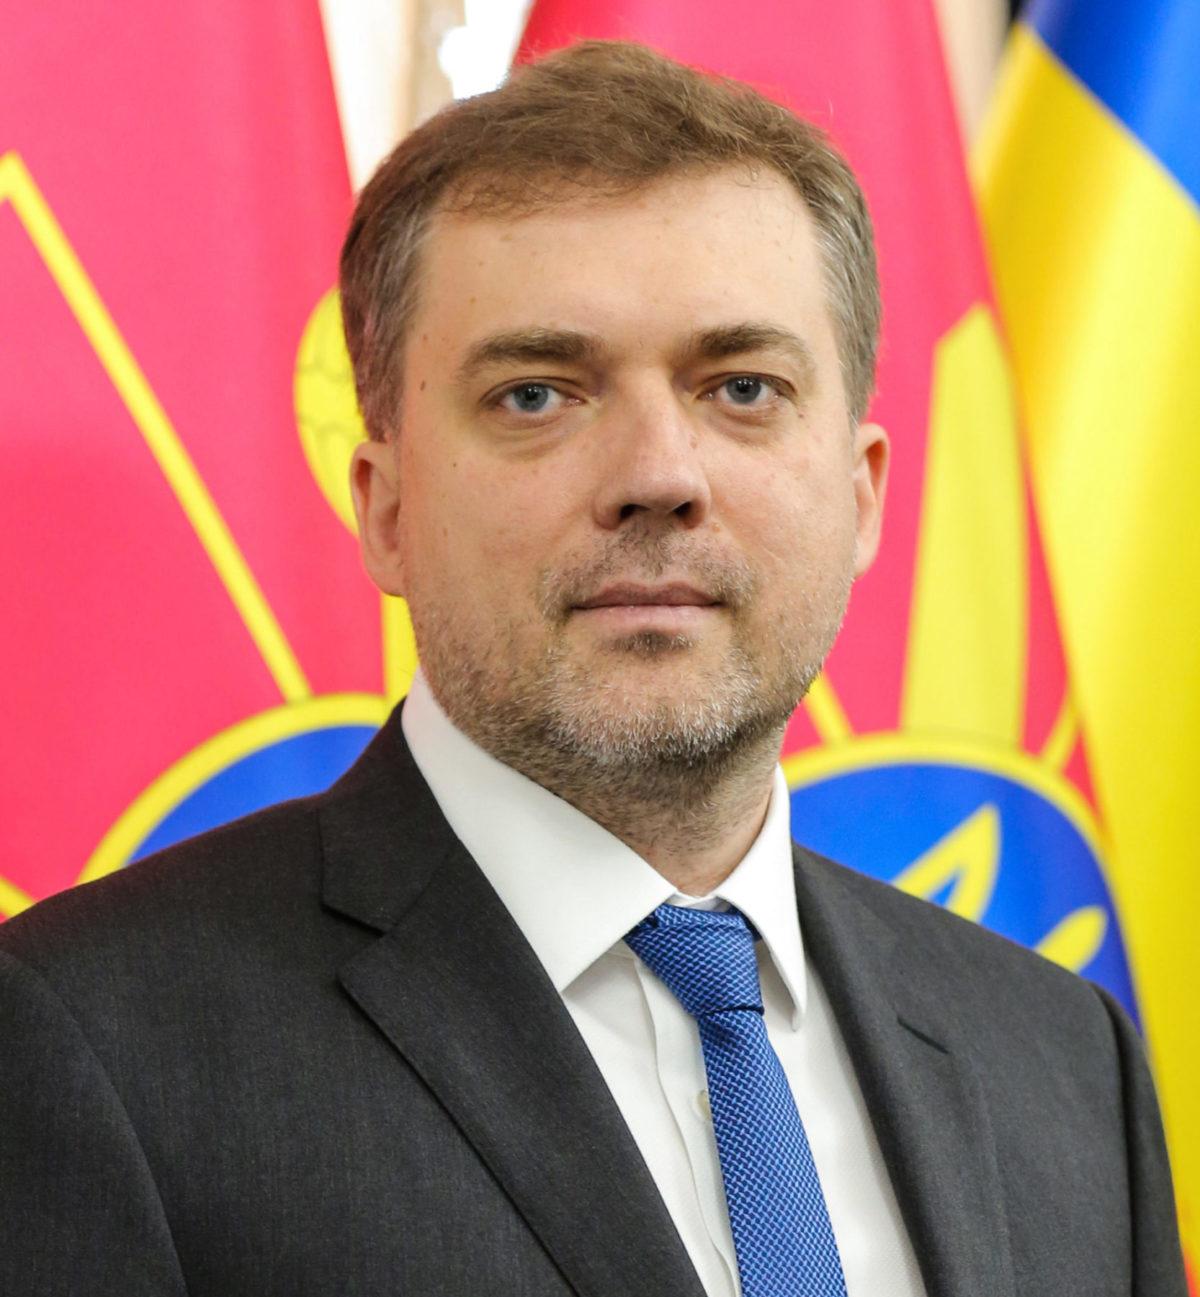 Привітання Міністра оборони України з нагоди Дня захисника України